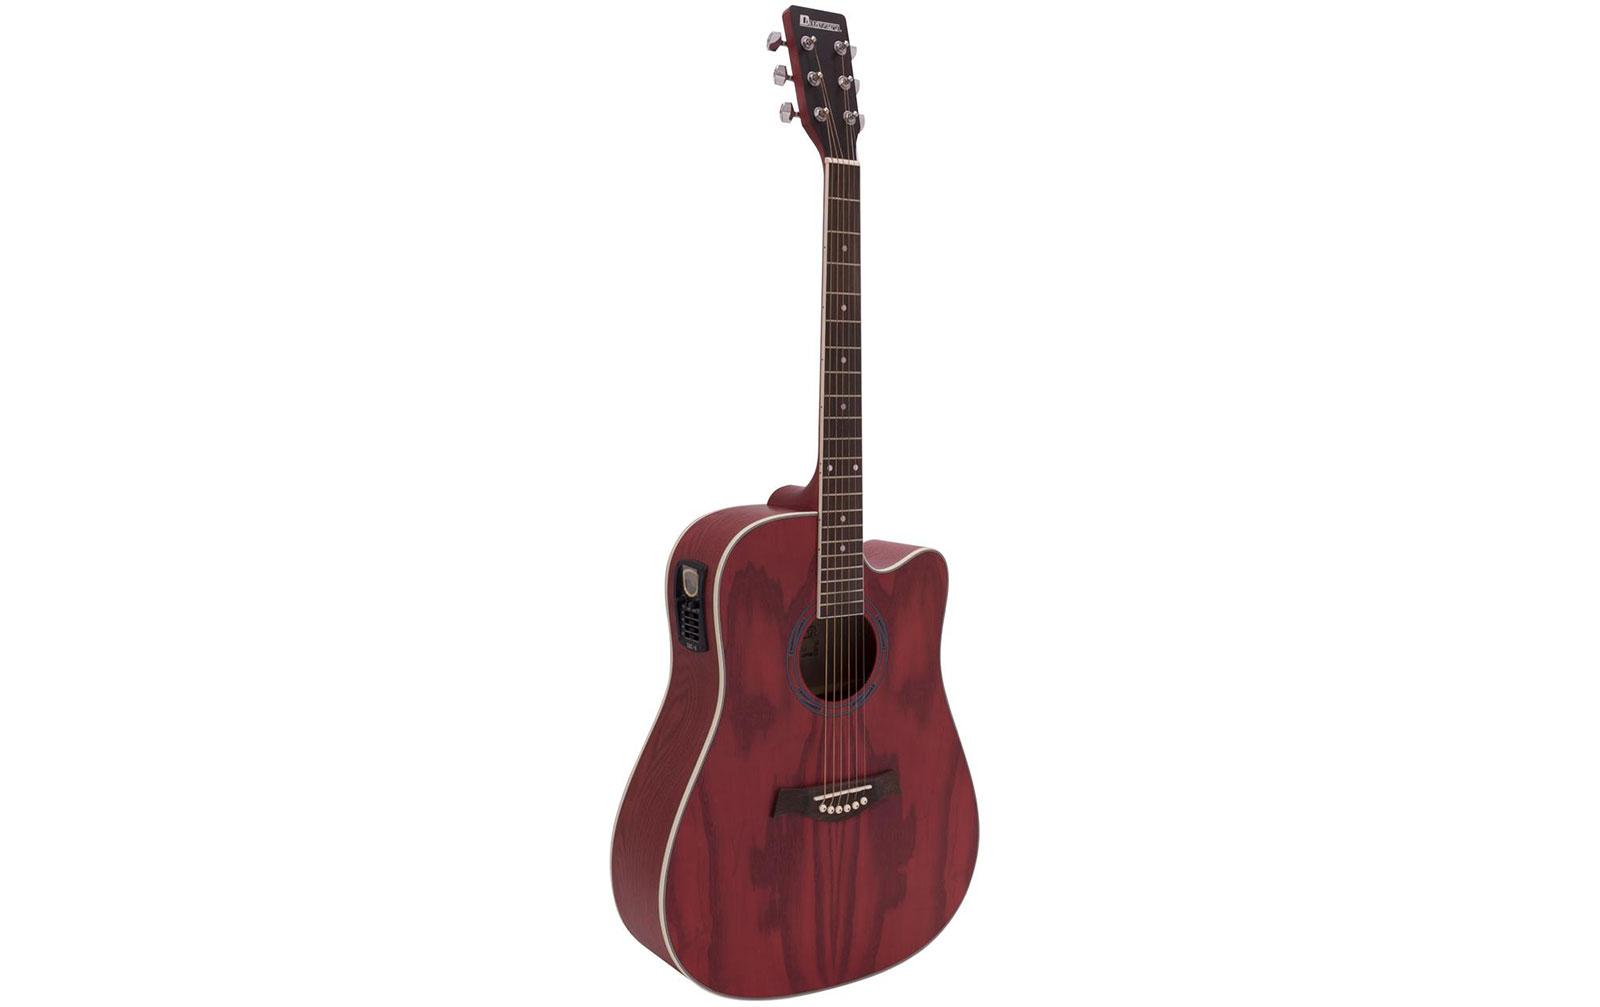 dimavery-jk-510-western-gitarre-cutaway-grained